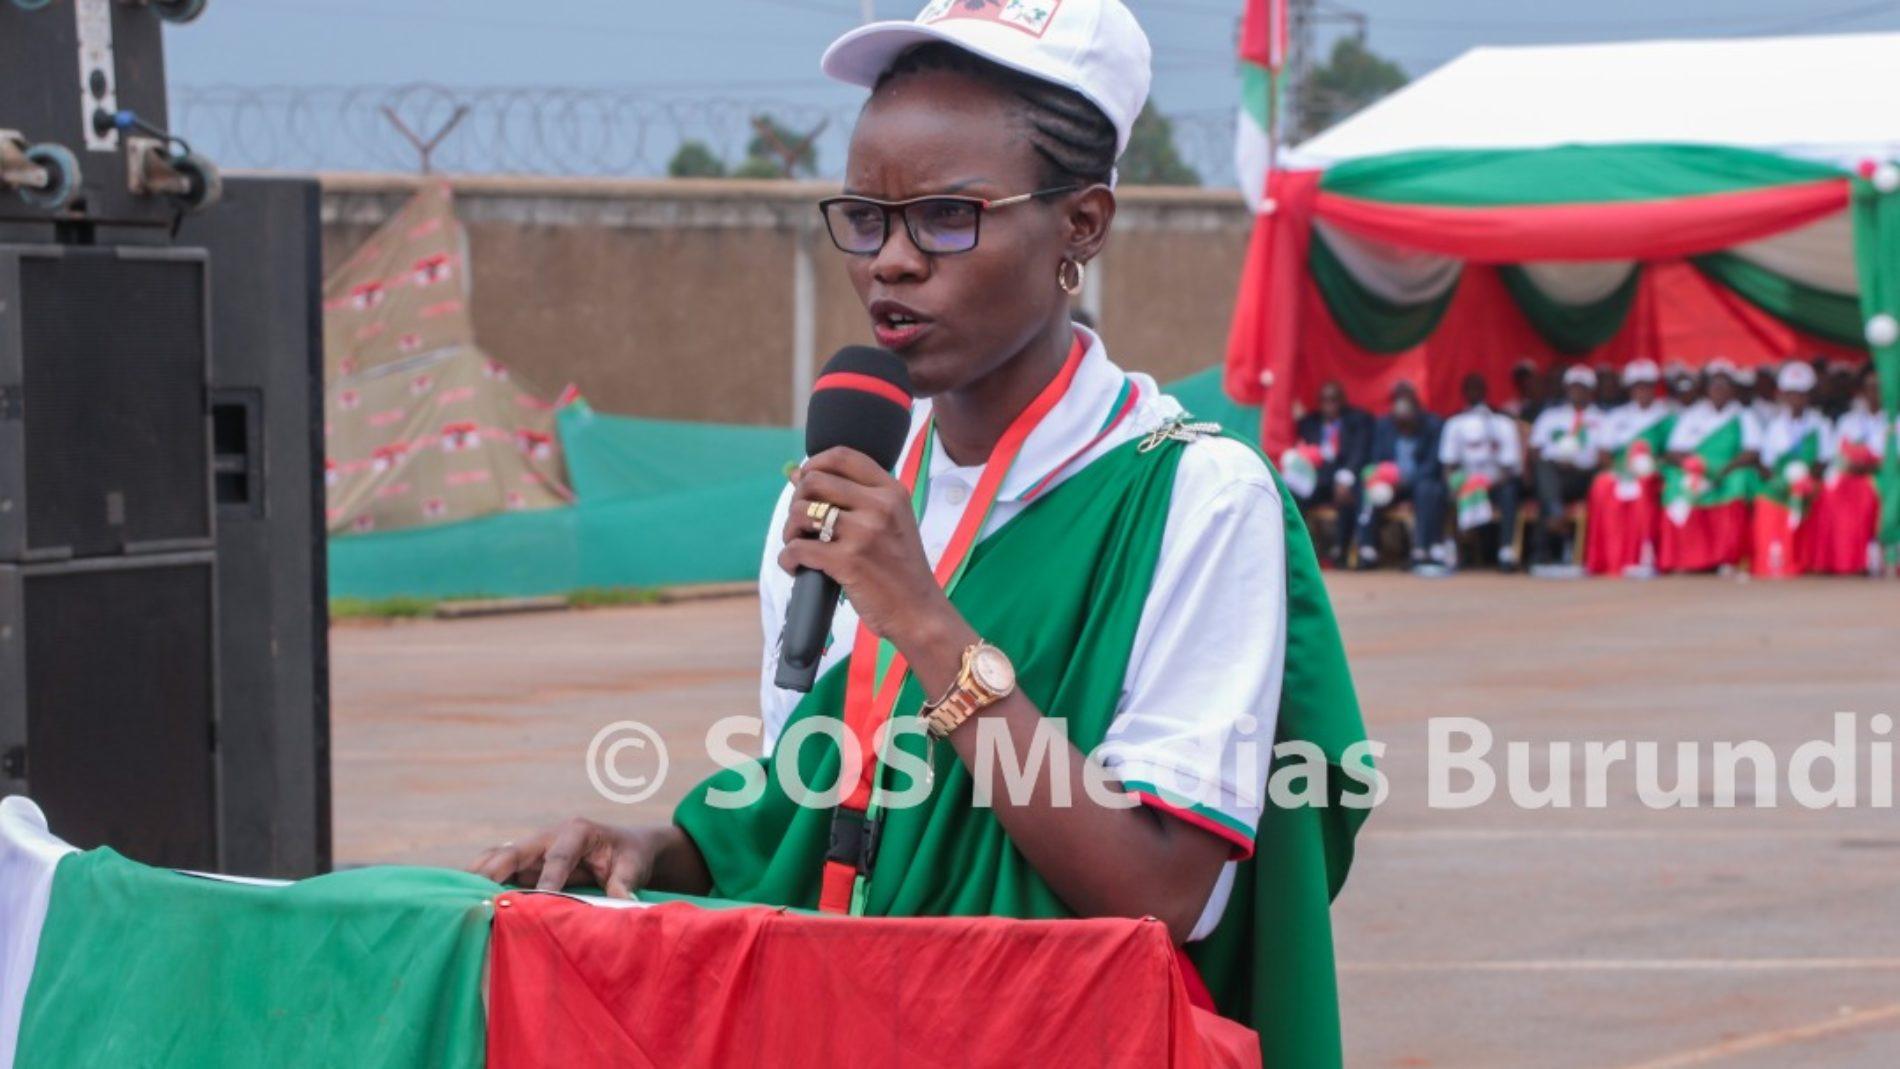 Élections – Burundi : le CNDD-FDD félicite et se félicite après sa victoire (communication)